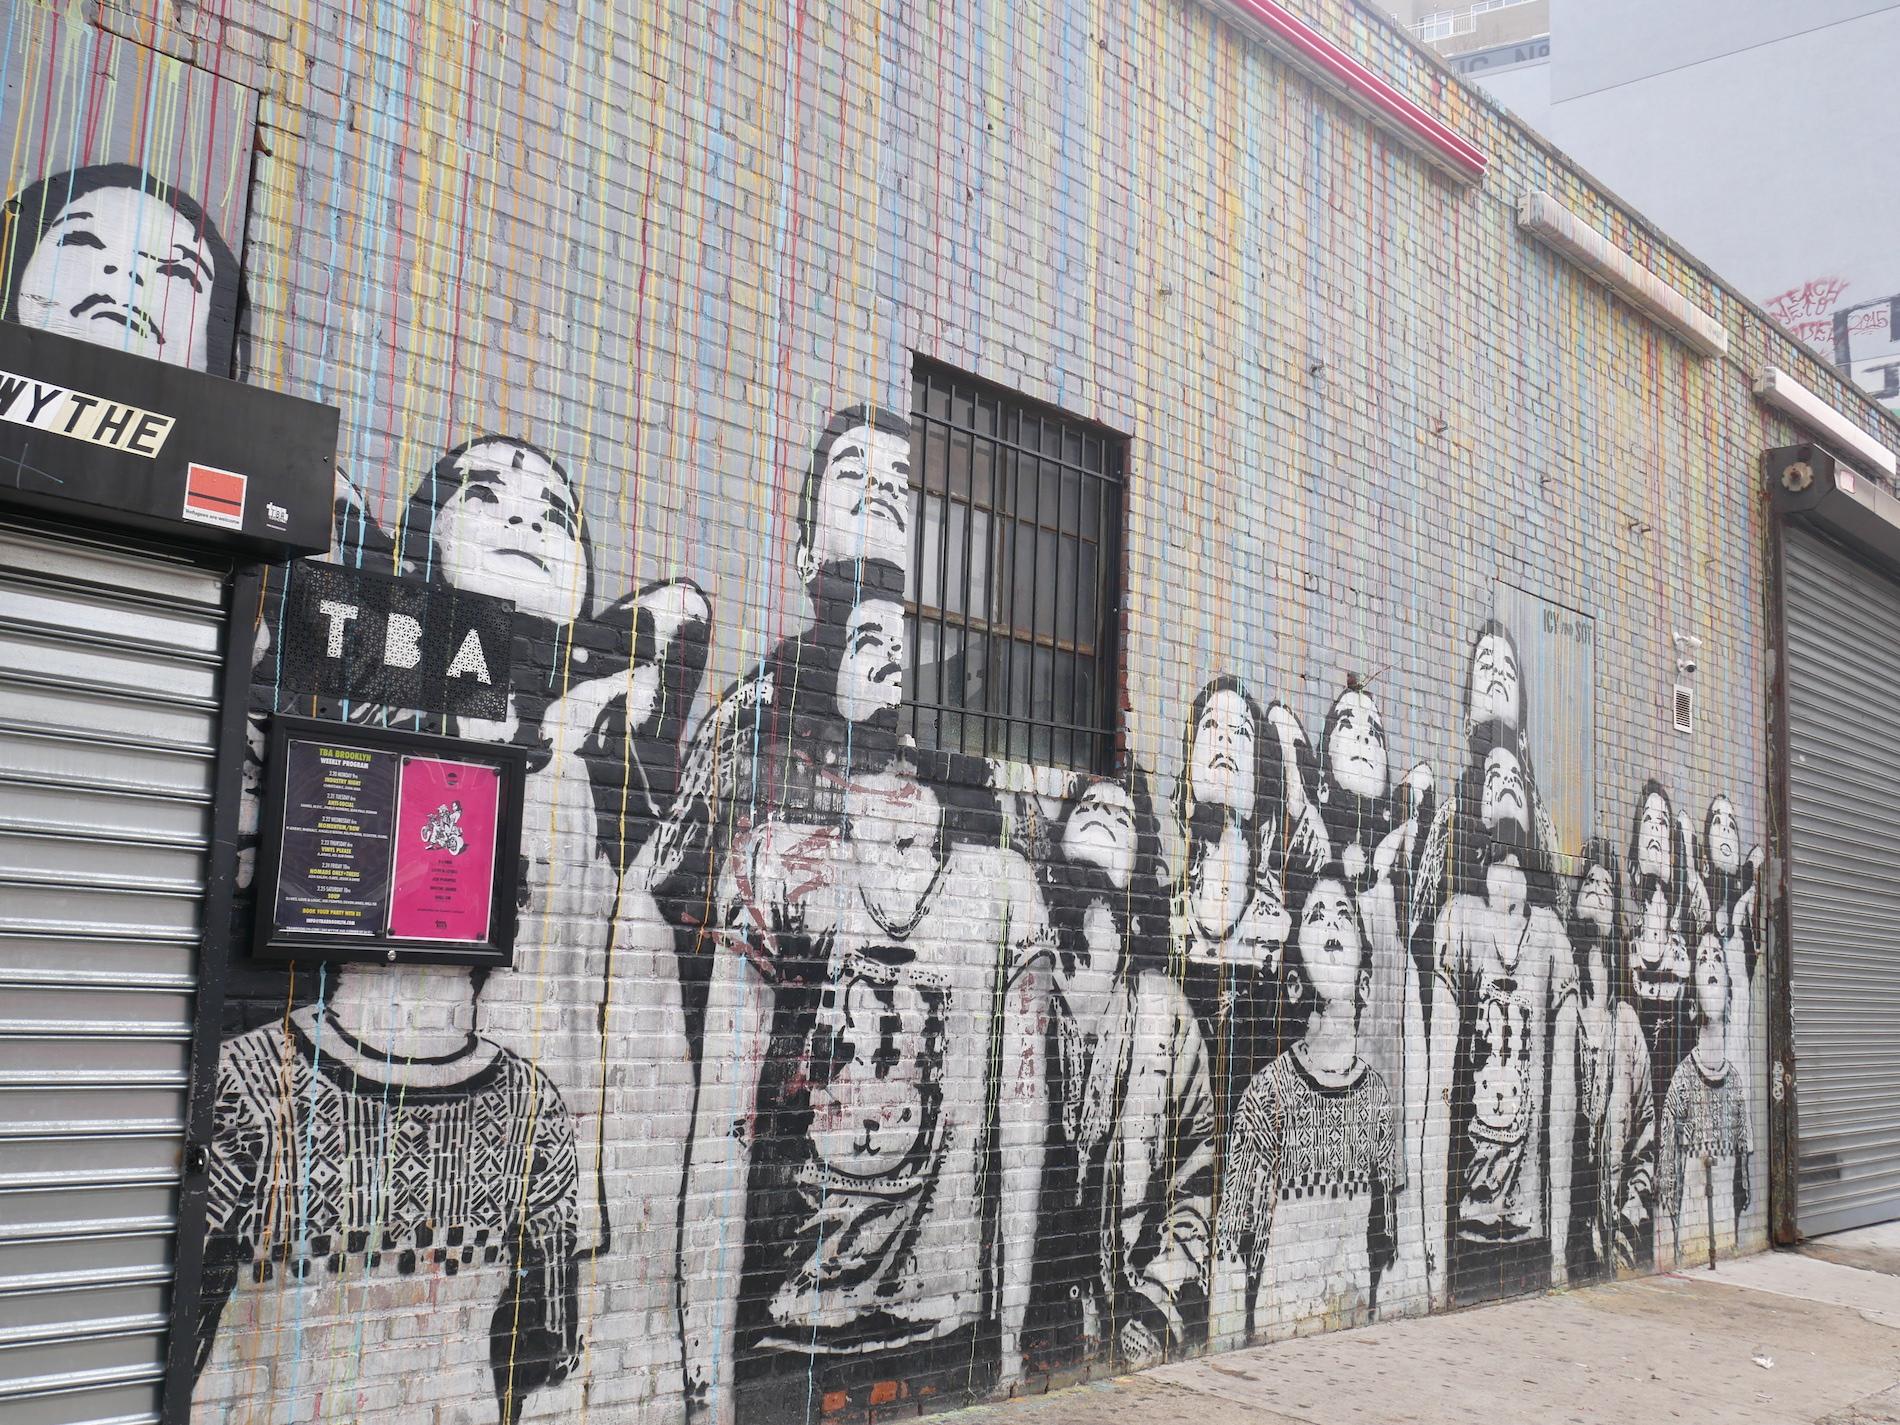 ニューヨークに行くならブルックリンへ!おしゃれな若者を虜にするアートの街とは